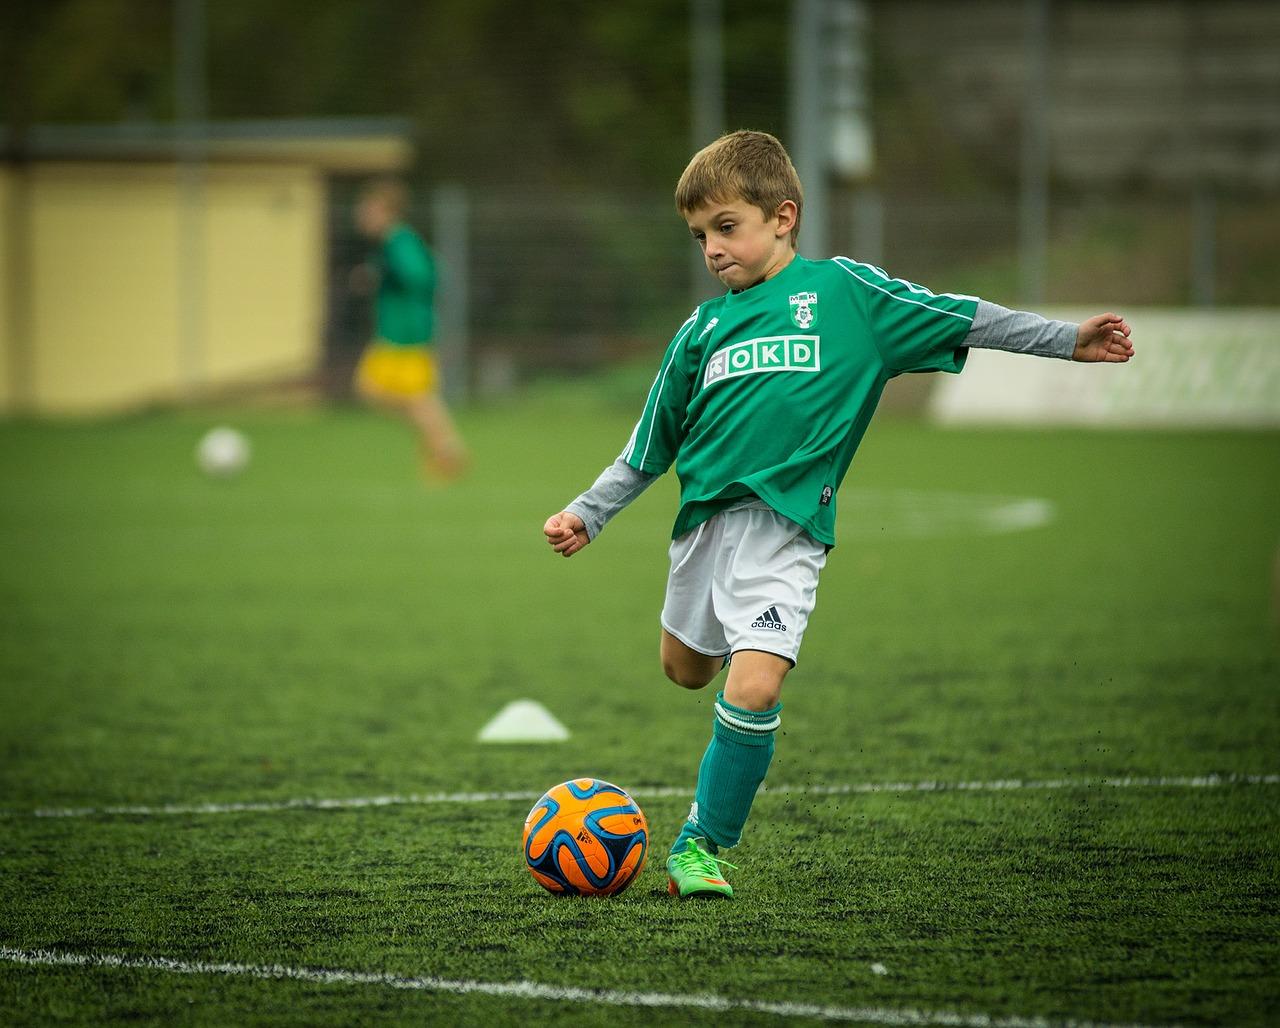 mauro-libi-crestani-la-importancia-del-deporte-en-la-rutina-de-los-ninos